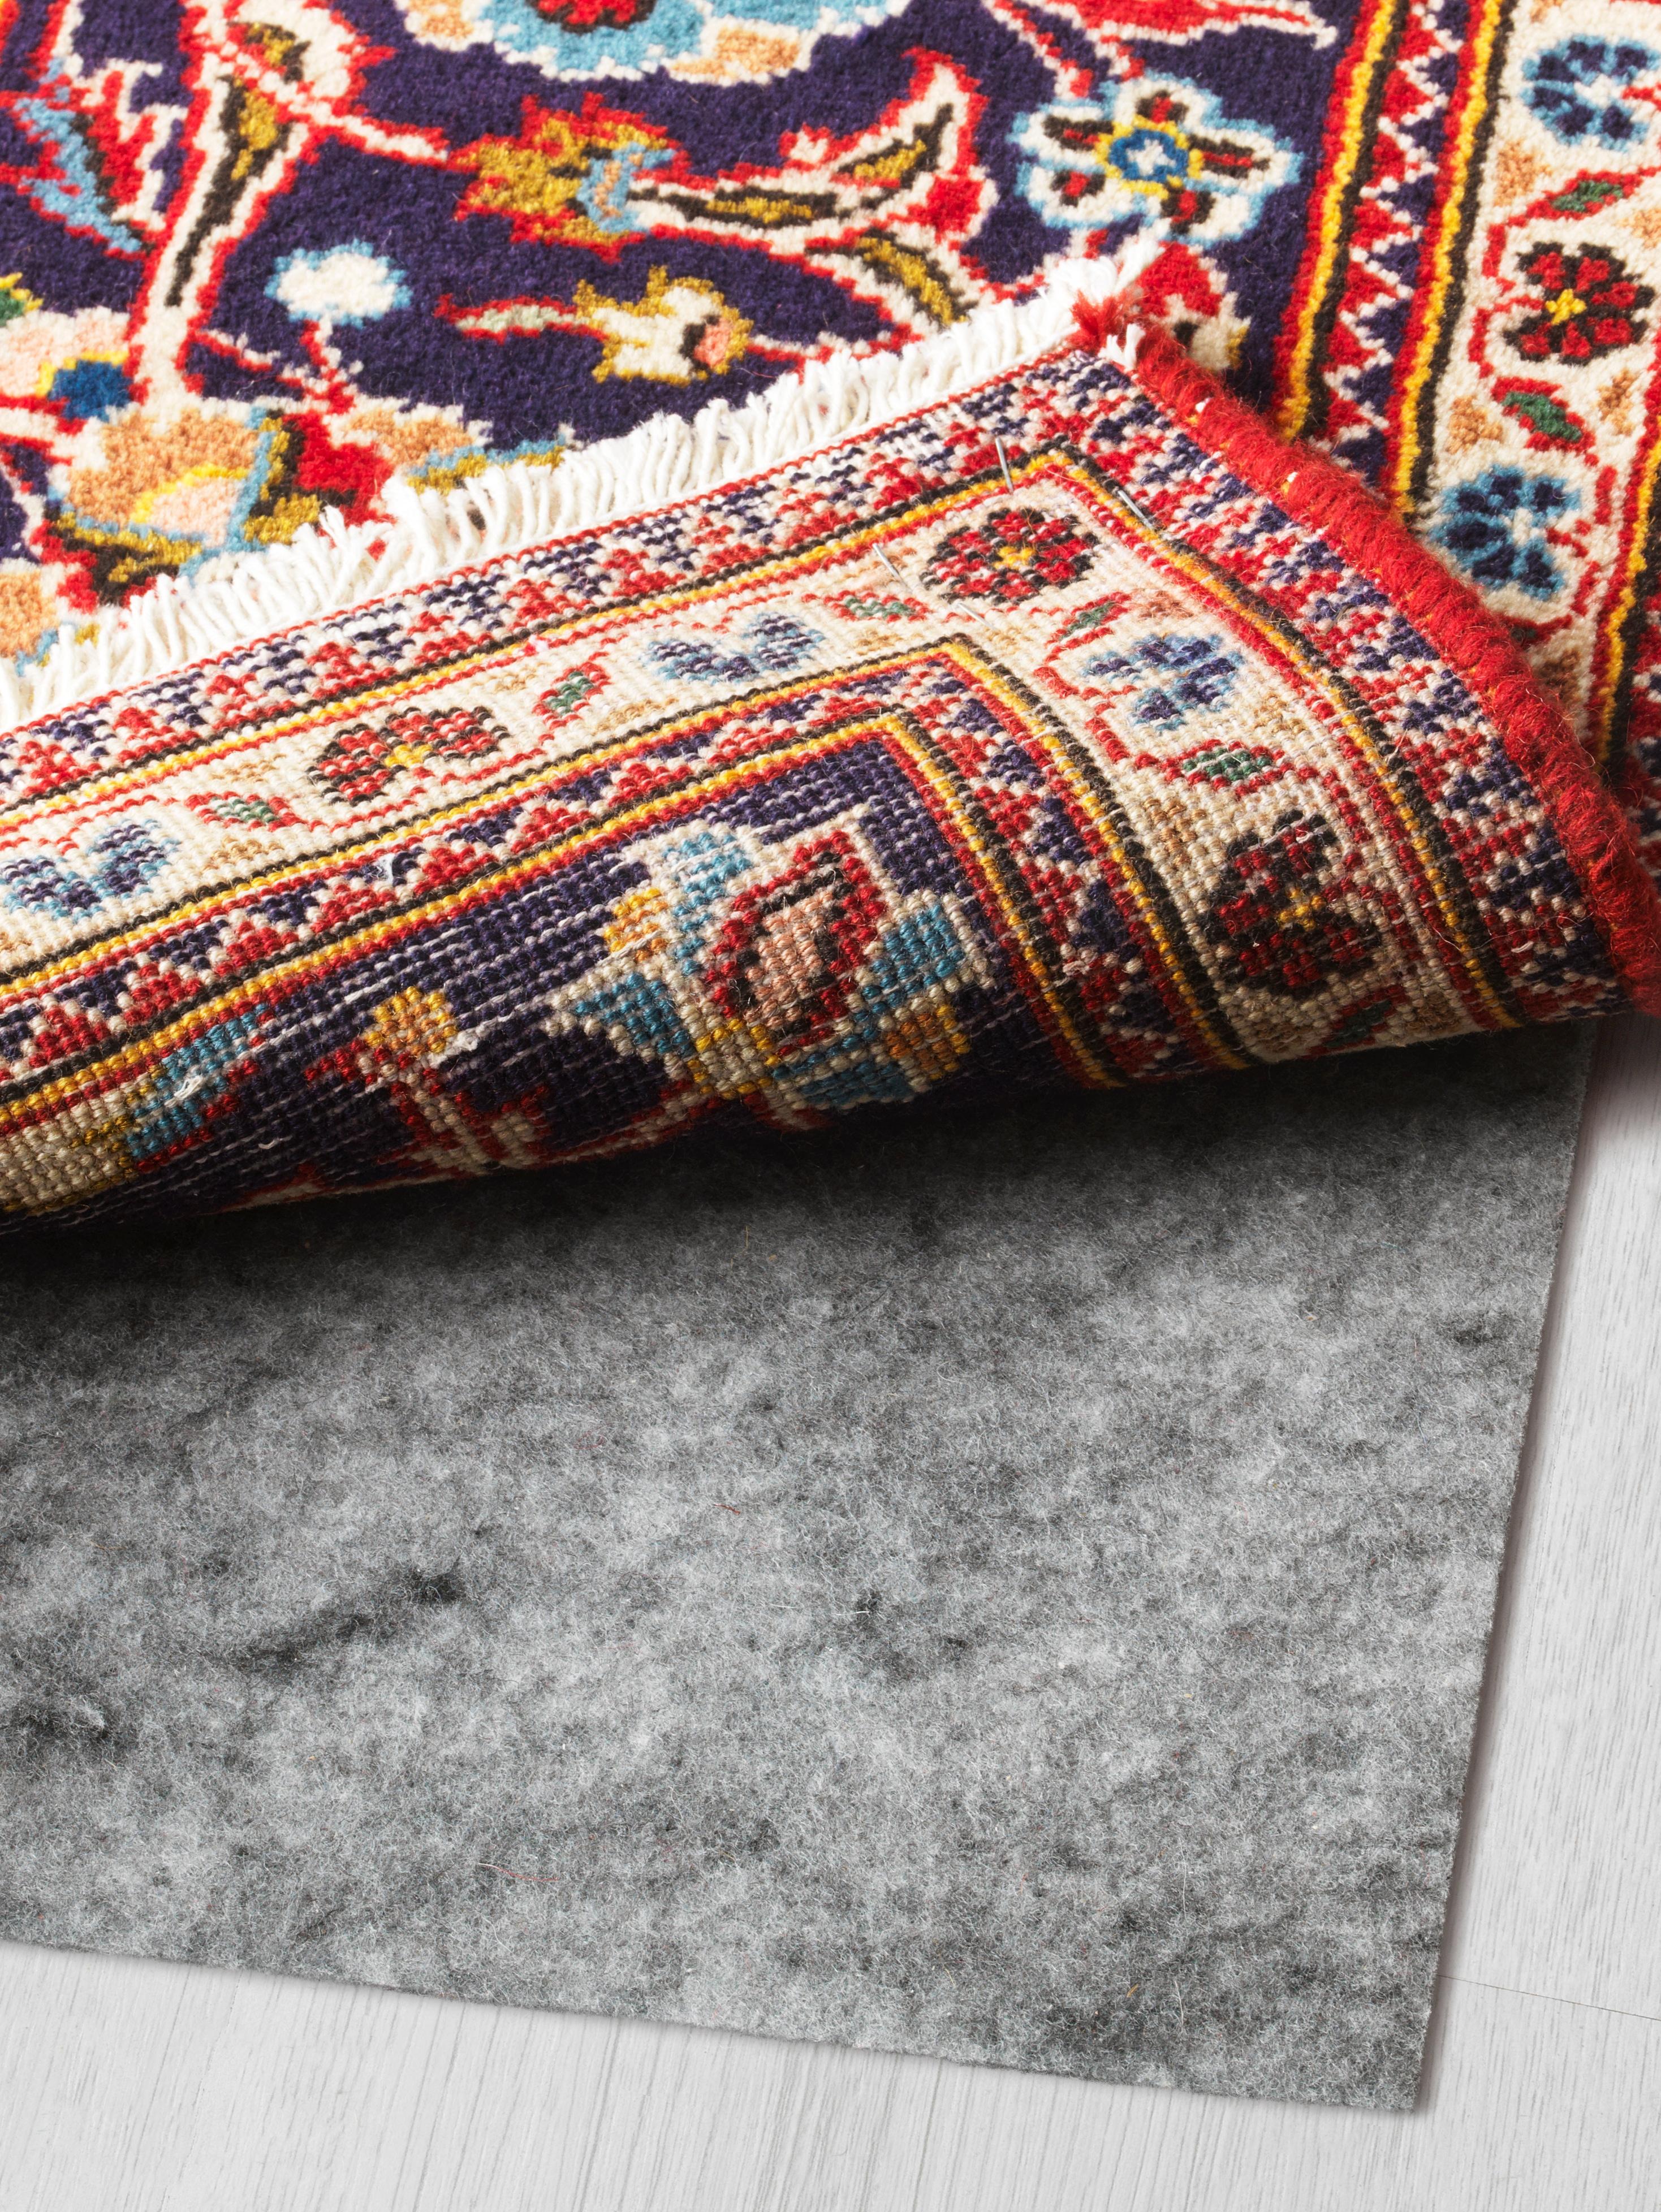 Šareni tepih u nijansama crvene, bijele, plave, žute i više, s okrenutim kutom i neklizajućom podlogom ispod.